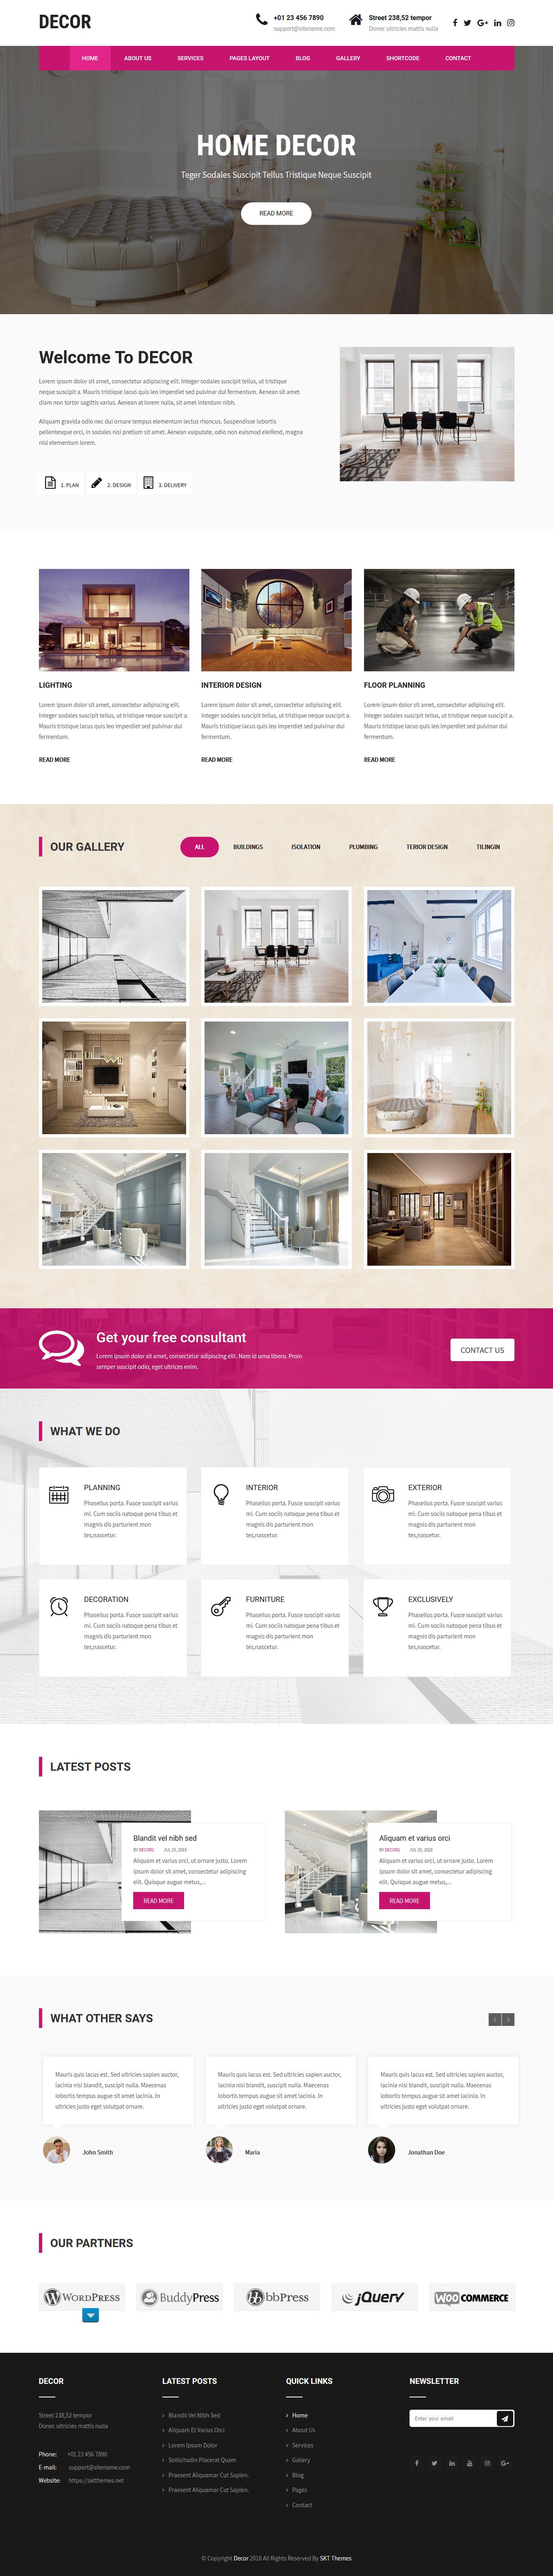 decor lite best free architecture wordpress theme - 10+ Best Free Architecture WordPress Themes